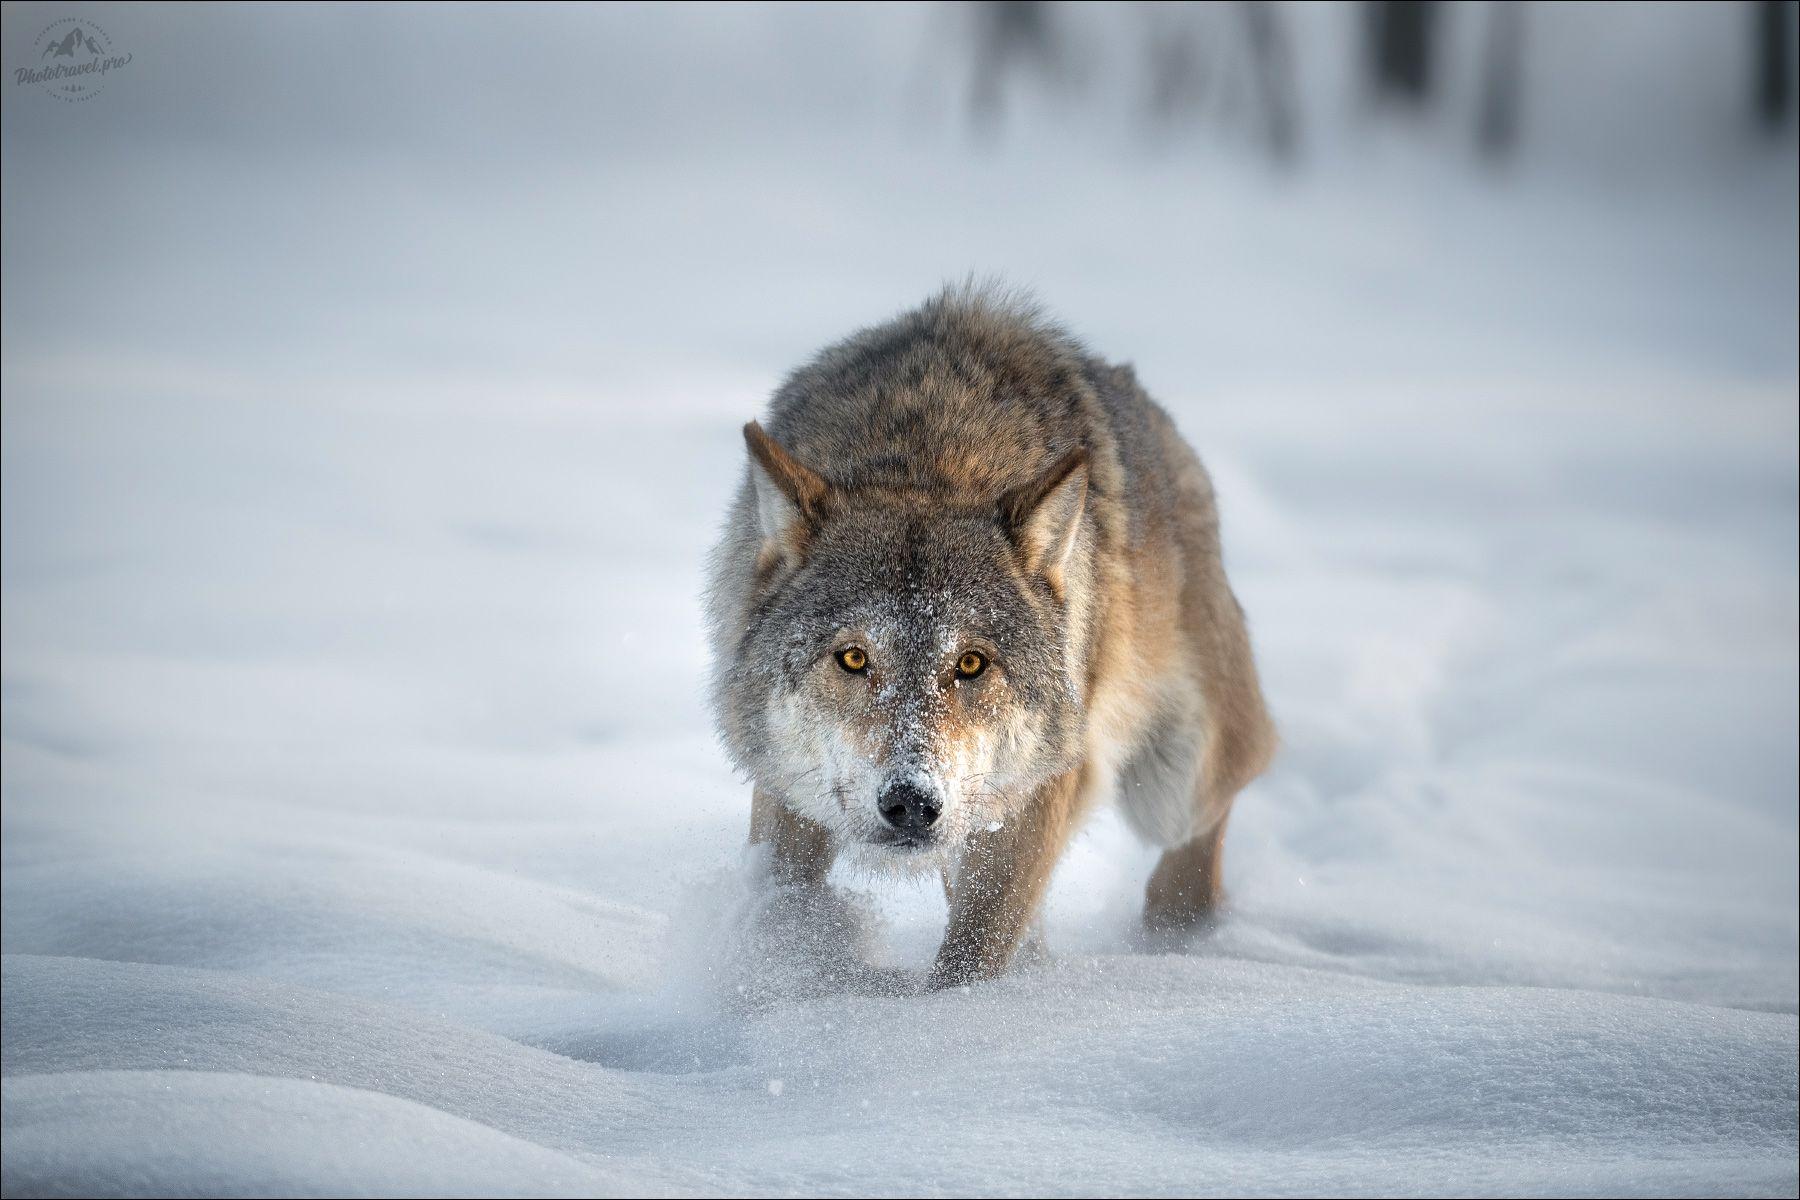 волк, wolf, красная шапочка, беларусь, красный бор, фототур в красный бор, фотоохота, canis lupus, red riding hood, серый волк, обыкновенный волк, евразийский волк, европейский волк,, Влад Соколовский